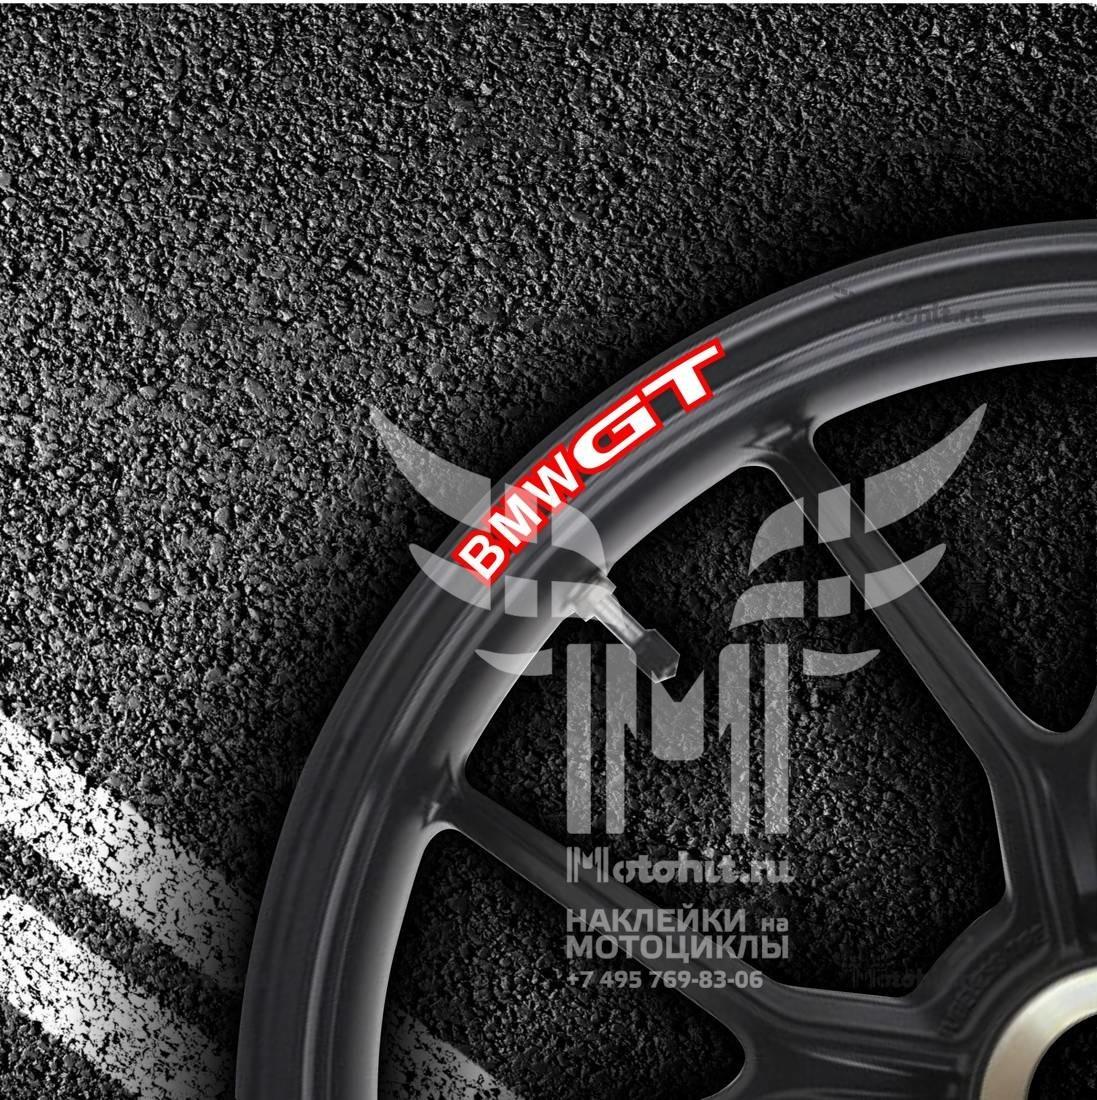 Комплект наклеек на обод колеса мотоцикла BMW GT